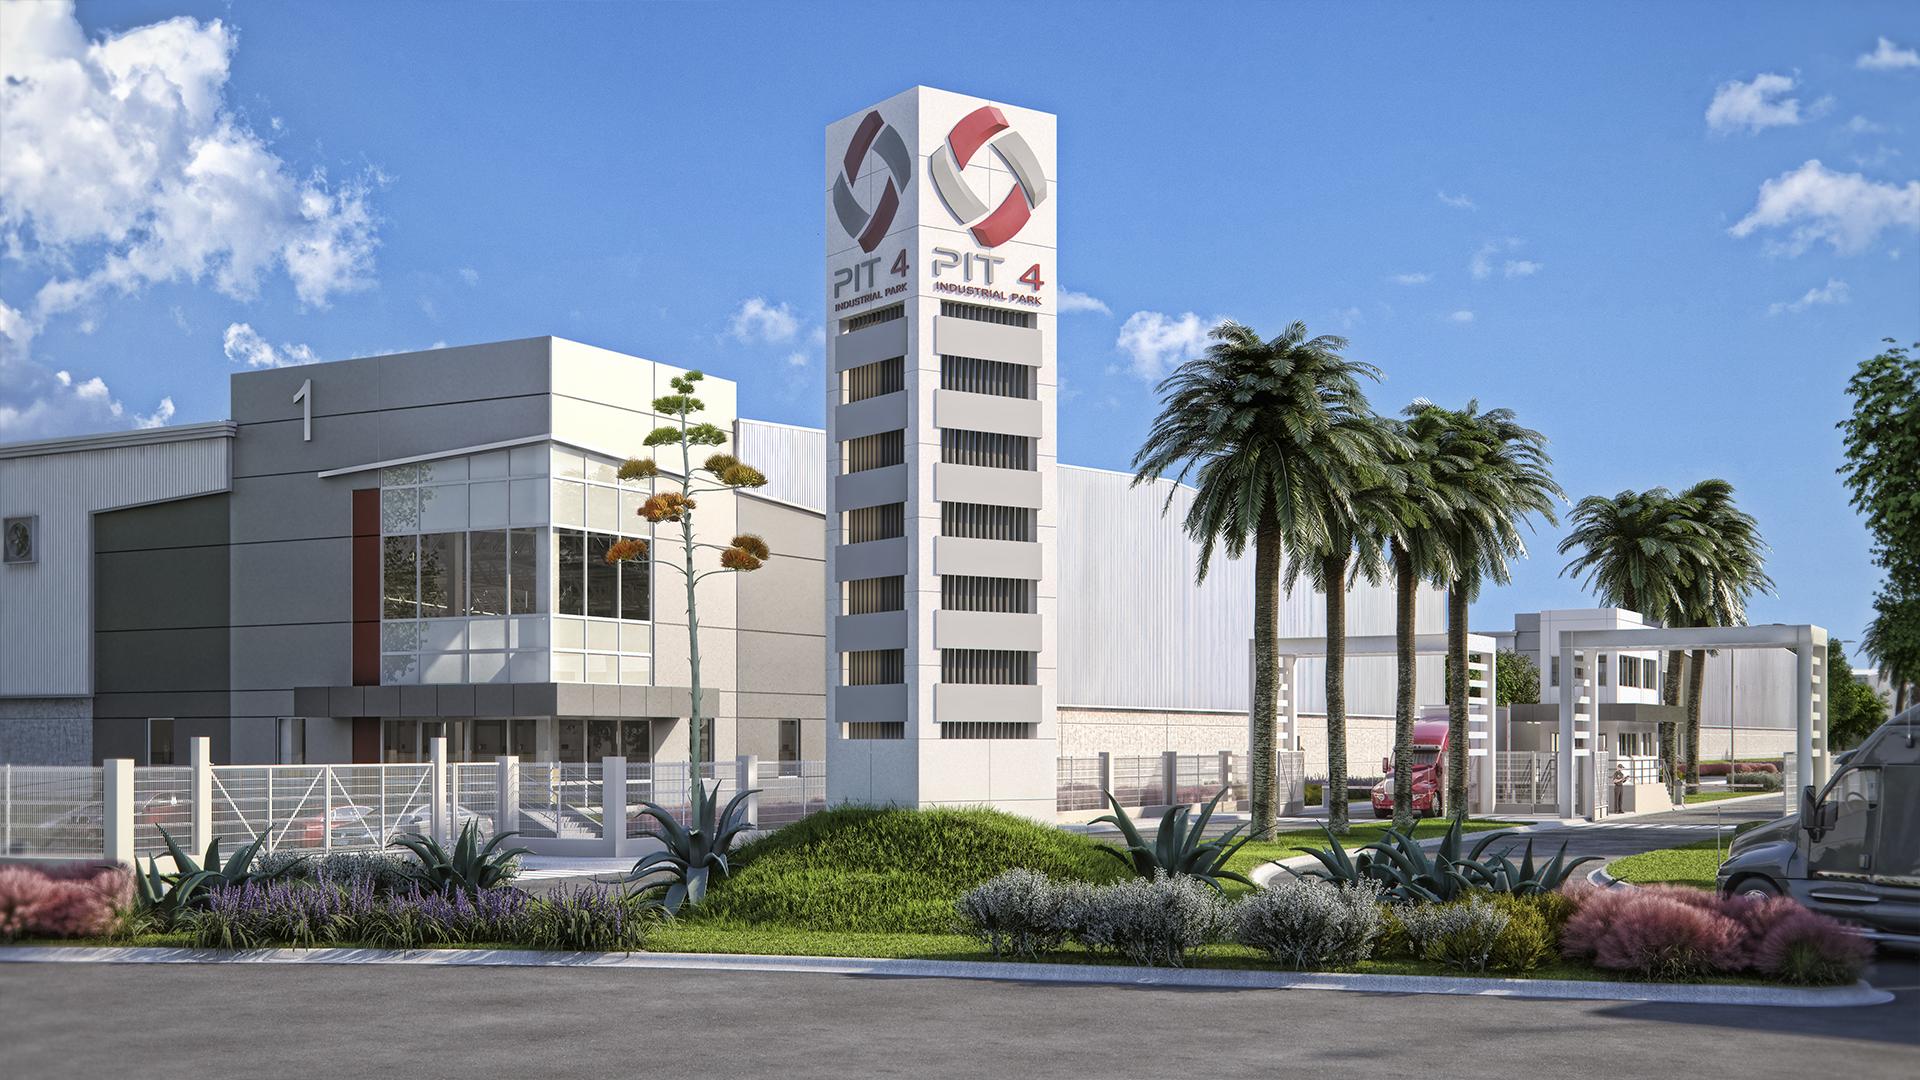 Parque Industrial Hines PIT 4 Guadalajara